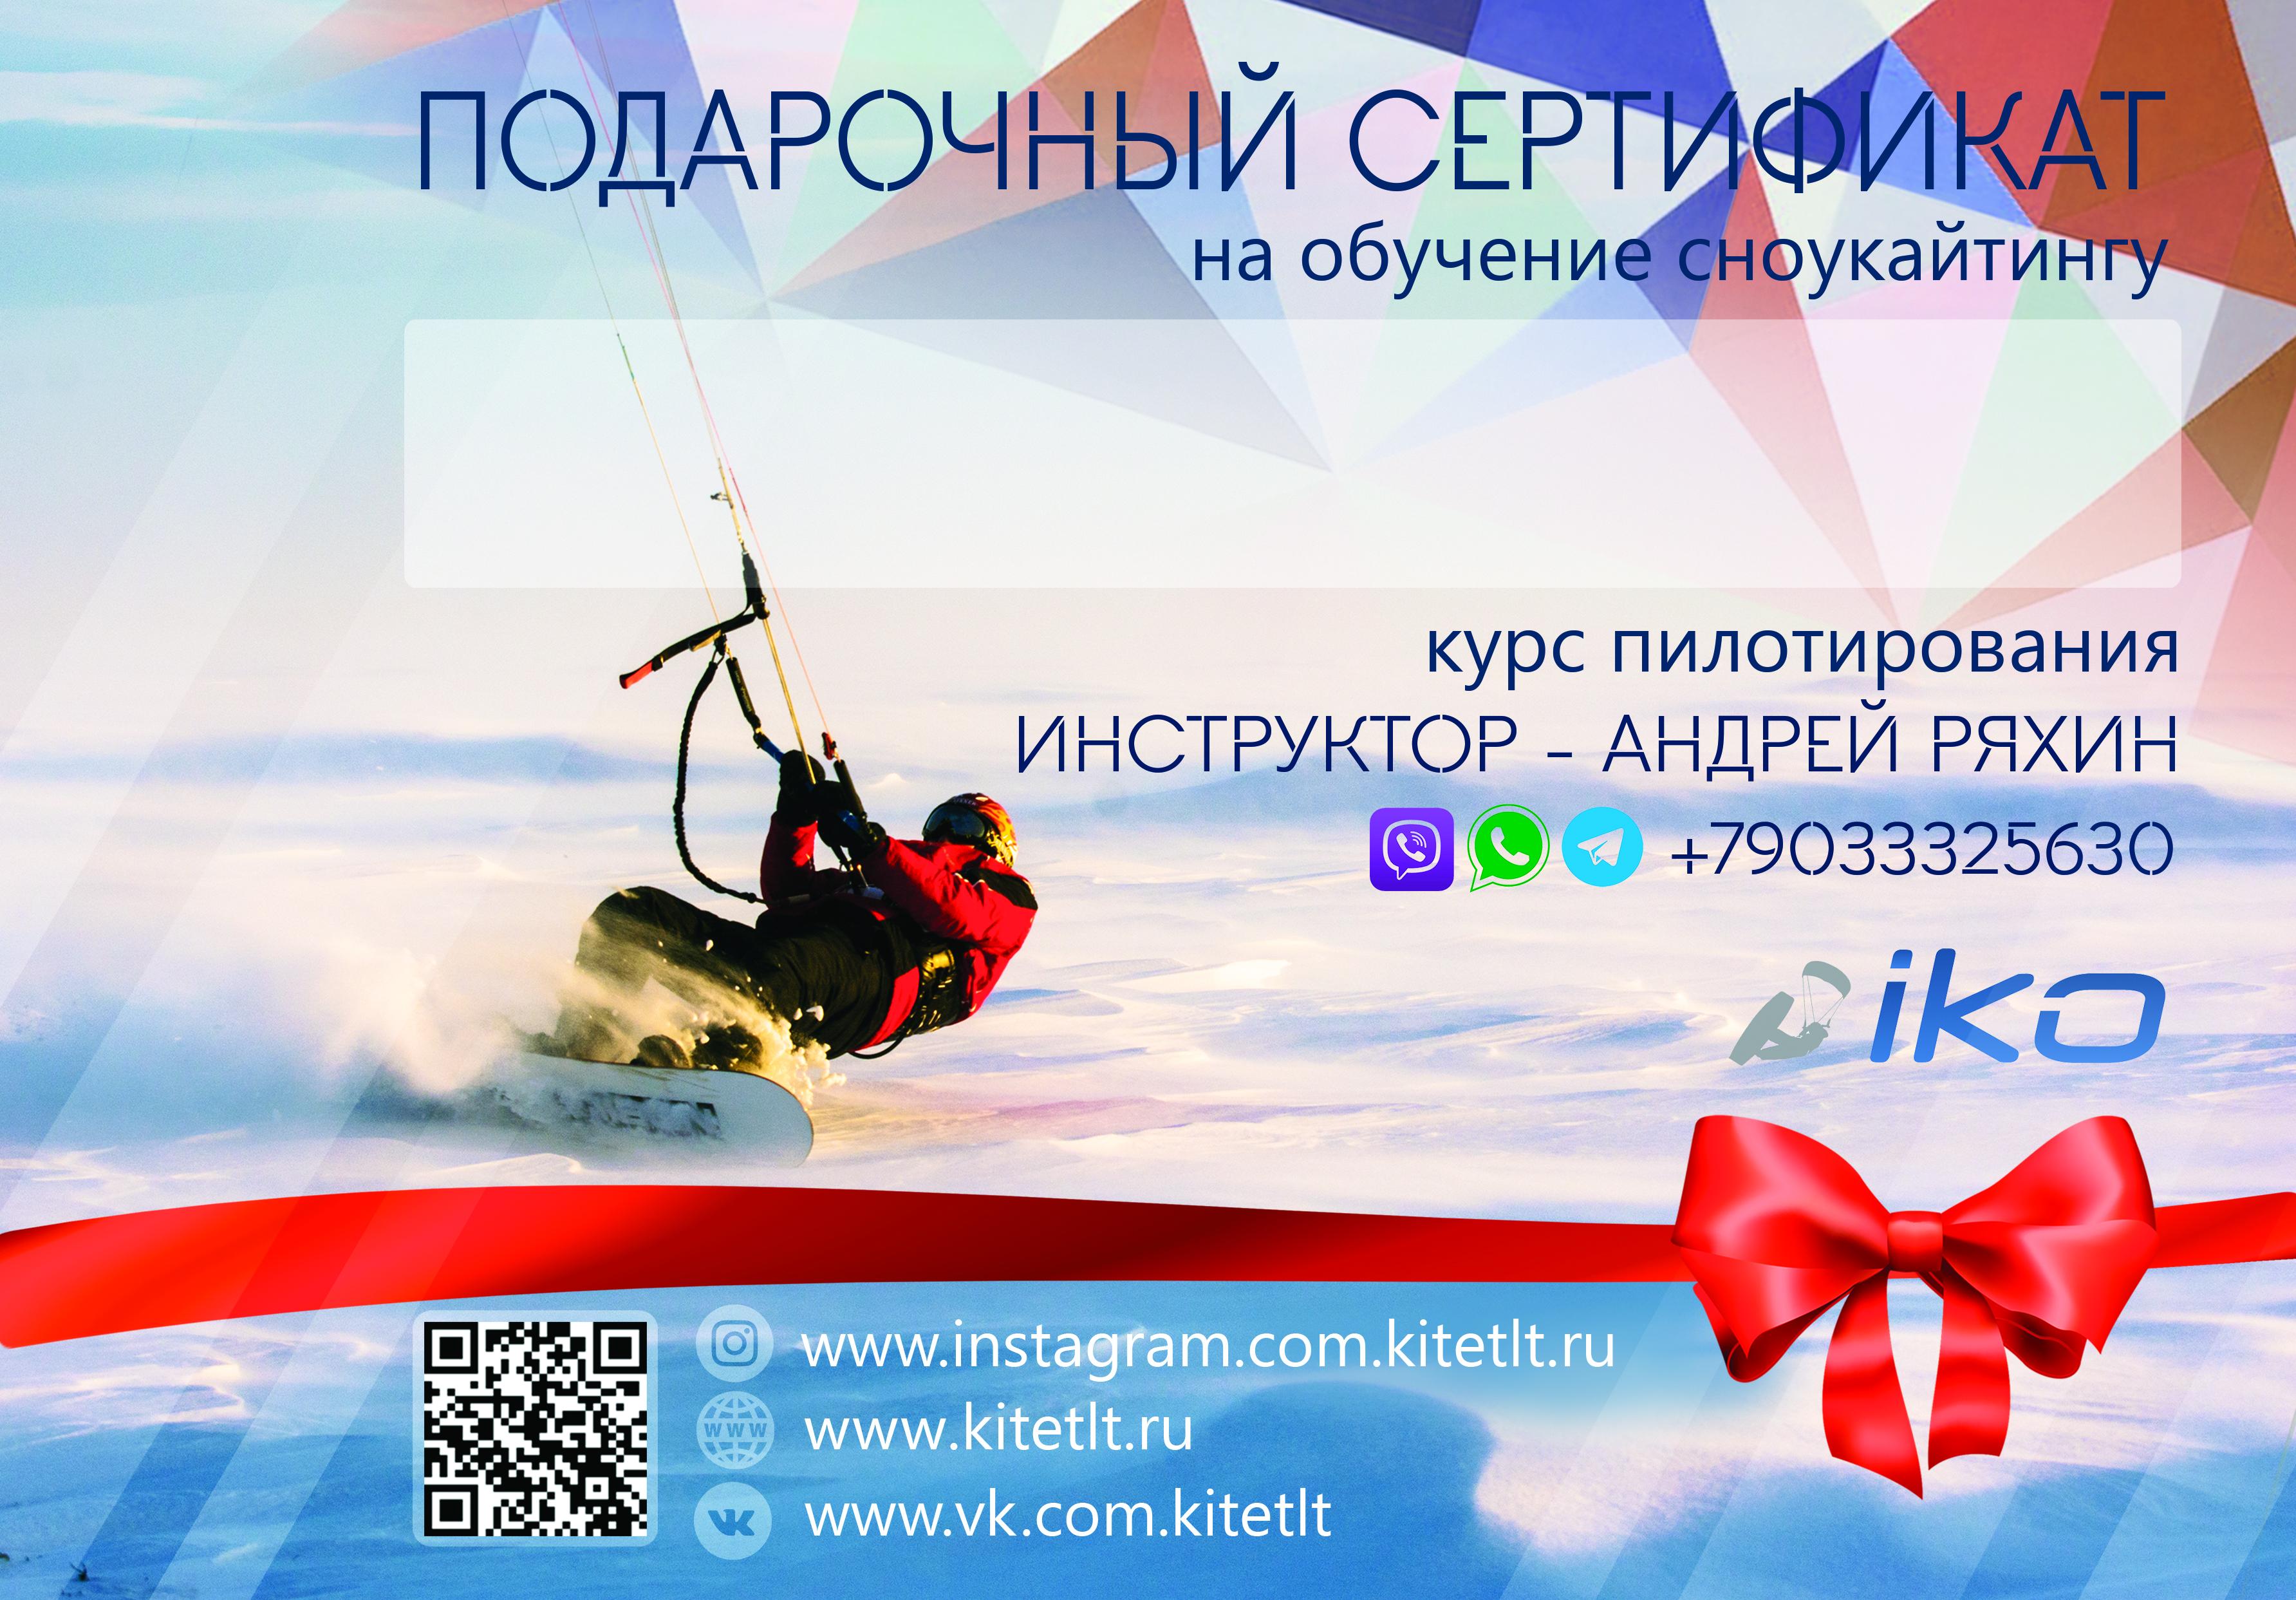 сертификат курс пилотирования